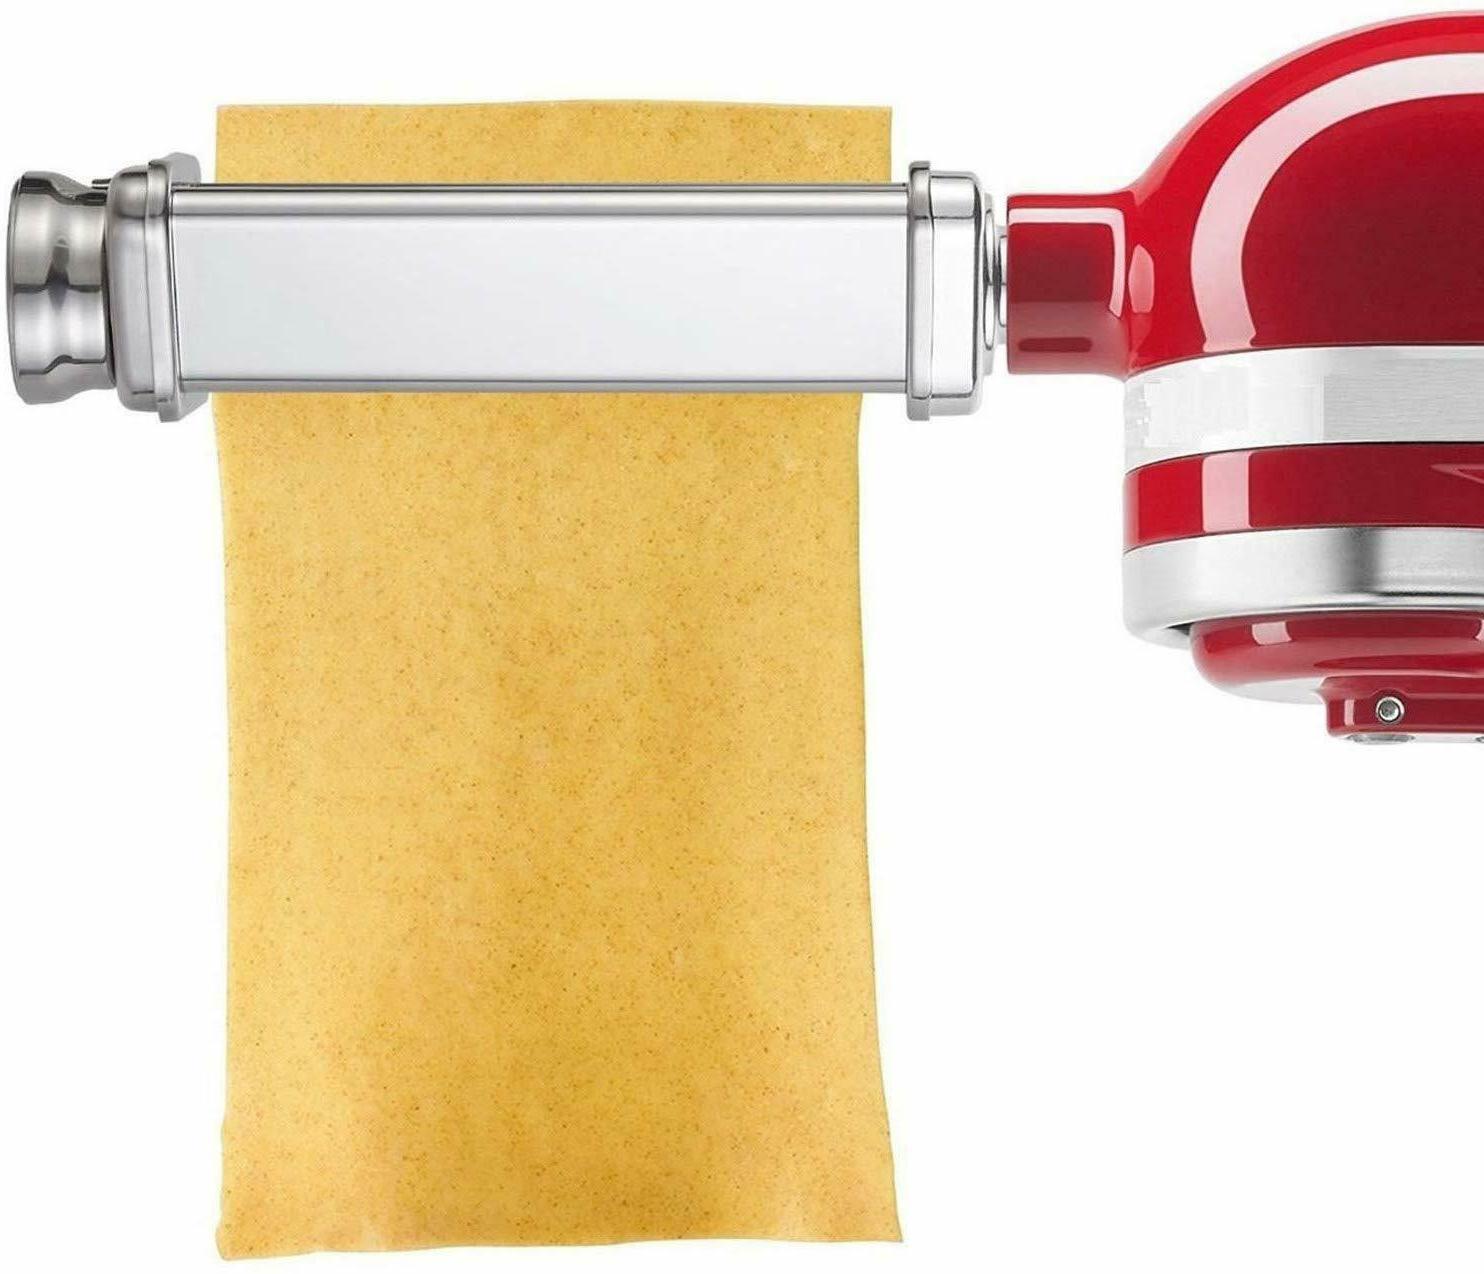 pasta italia roller attachment for kitchenaid stand